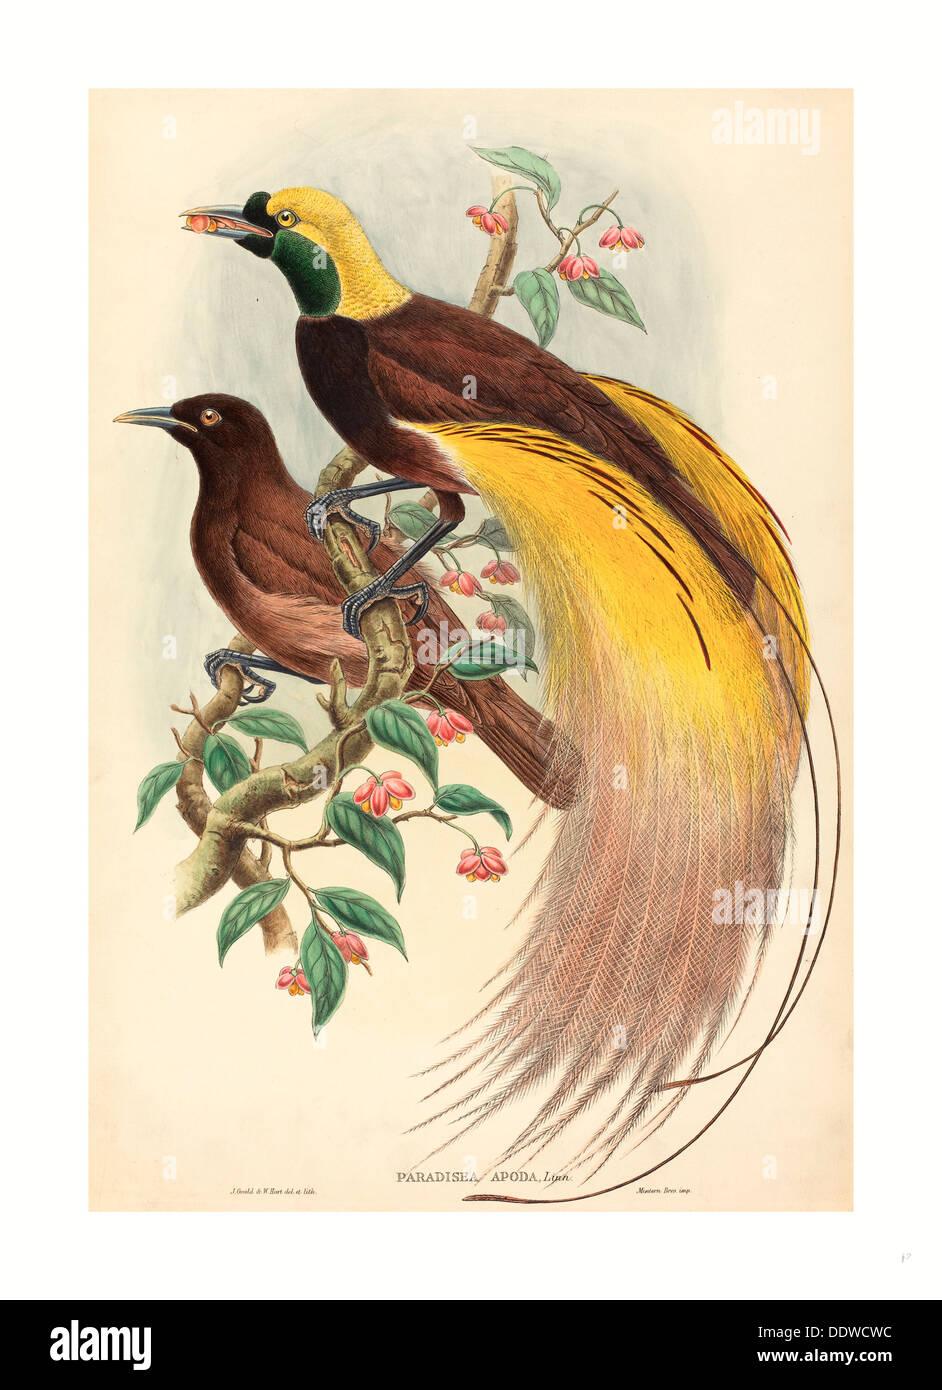 John Gould y W. Hart (británico, 1804 - 1881 ), Ave del Paraíso (Paradisea apoda), publicado en 1875, 1888, Coloreado a mano litografía Imagen De Stock